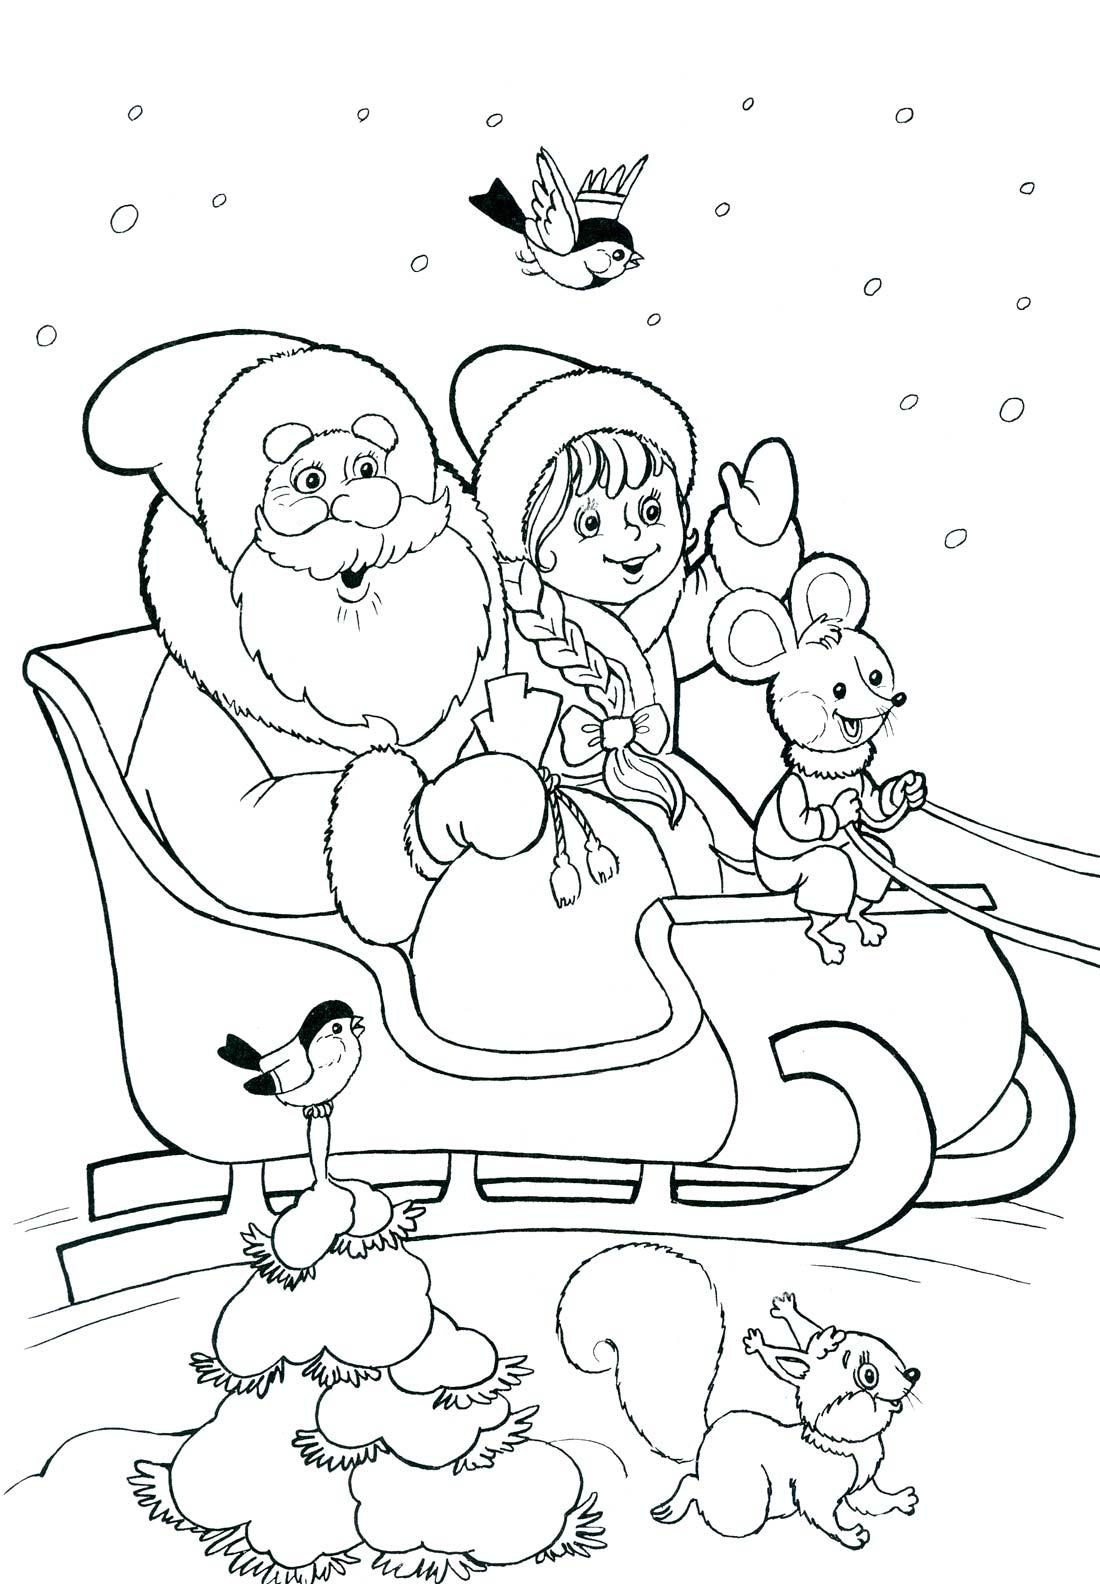 Дед мороз и снегурочка в санях Детские раскраски зима распечатать